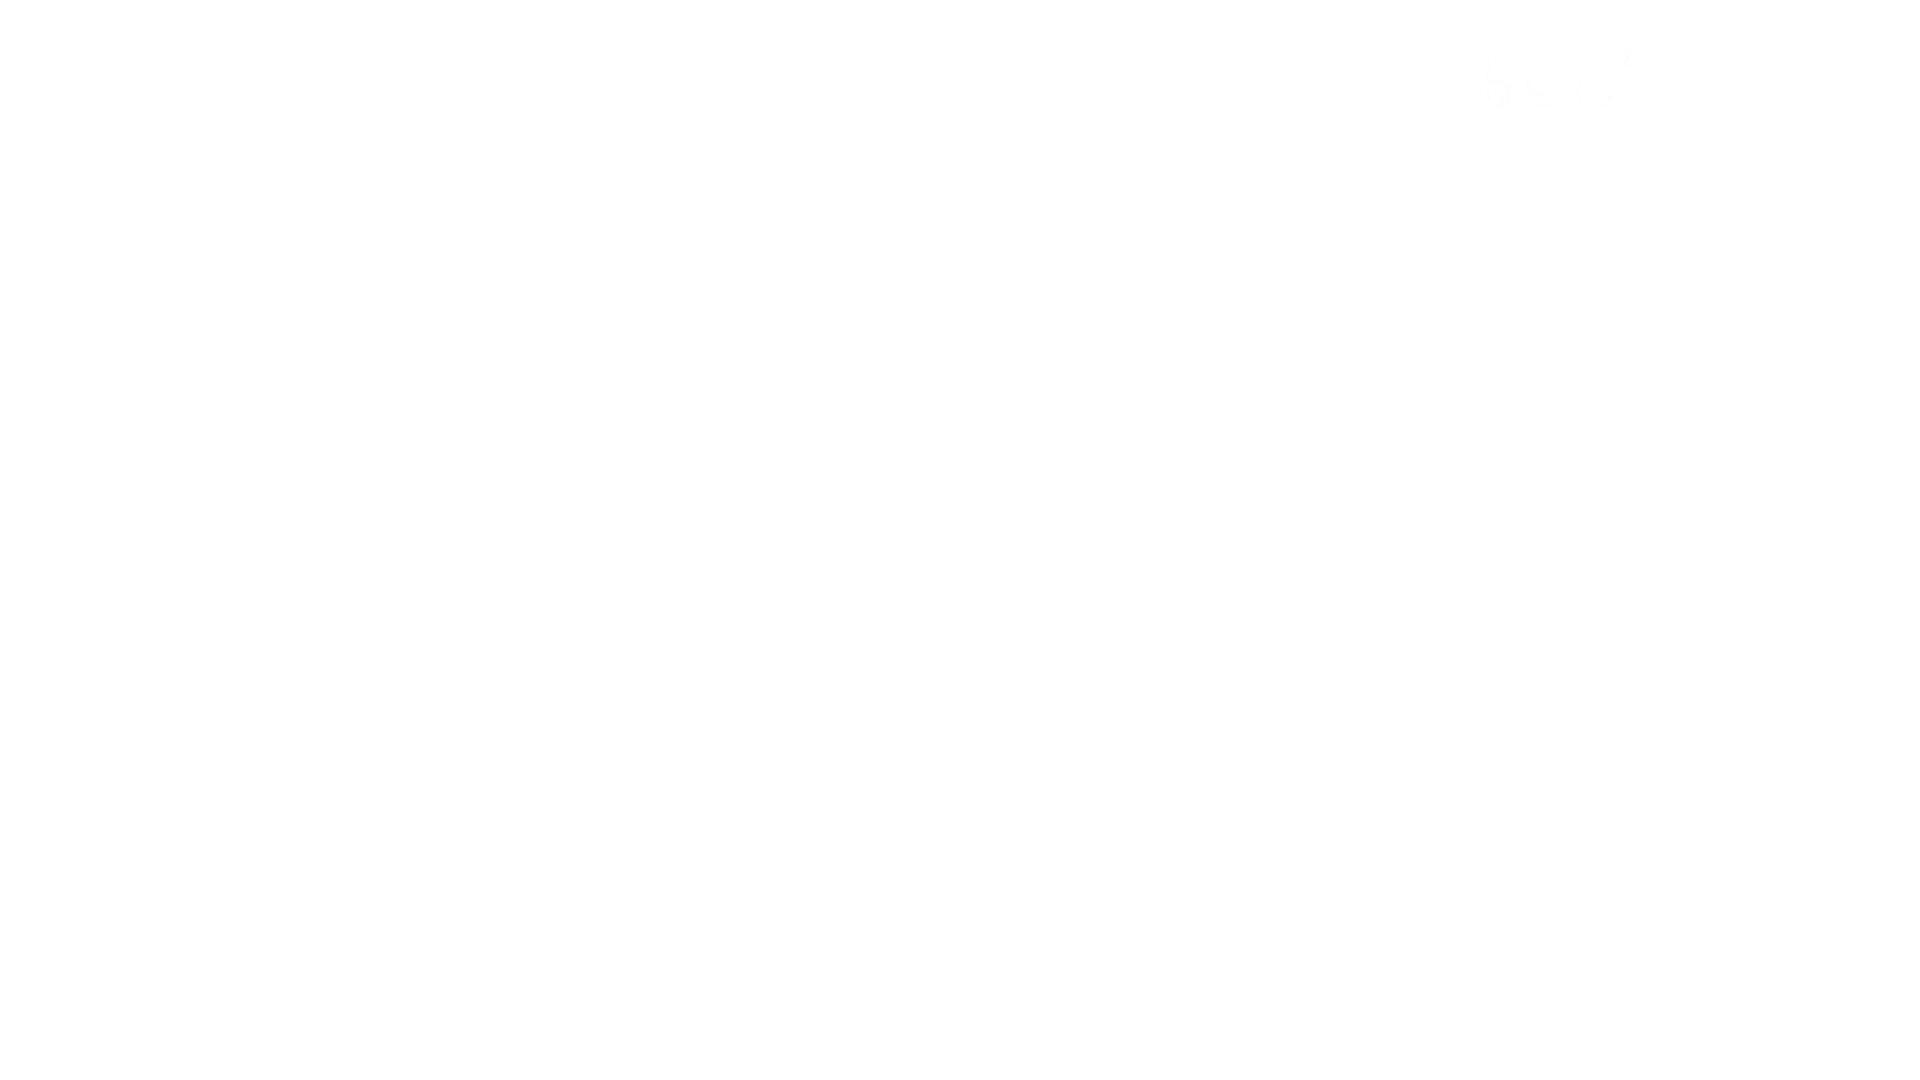 至高下半身盗撮-PREMIUM-【院内病棟編 】VOL2 アラ30  99PIX 26